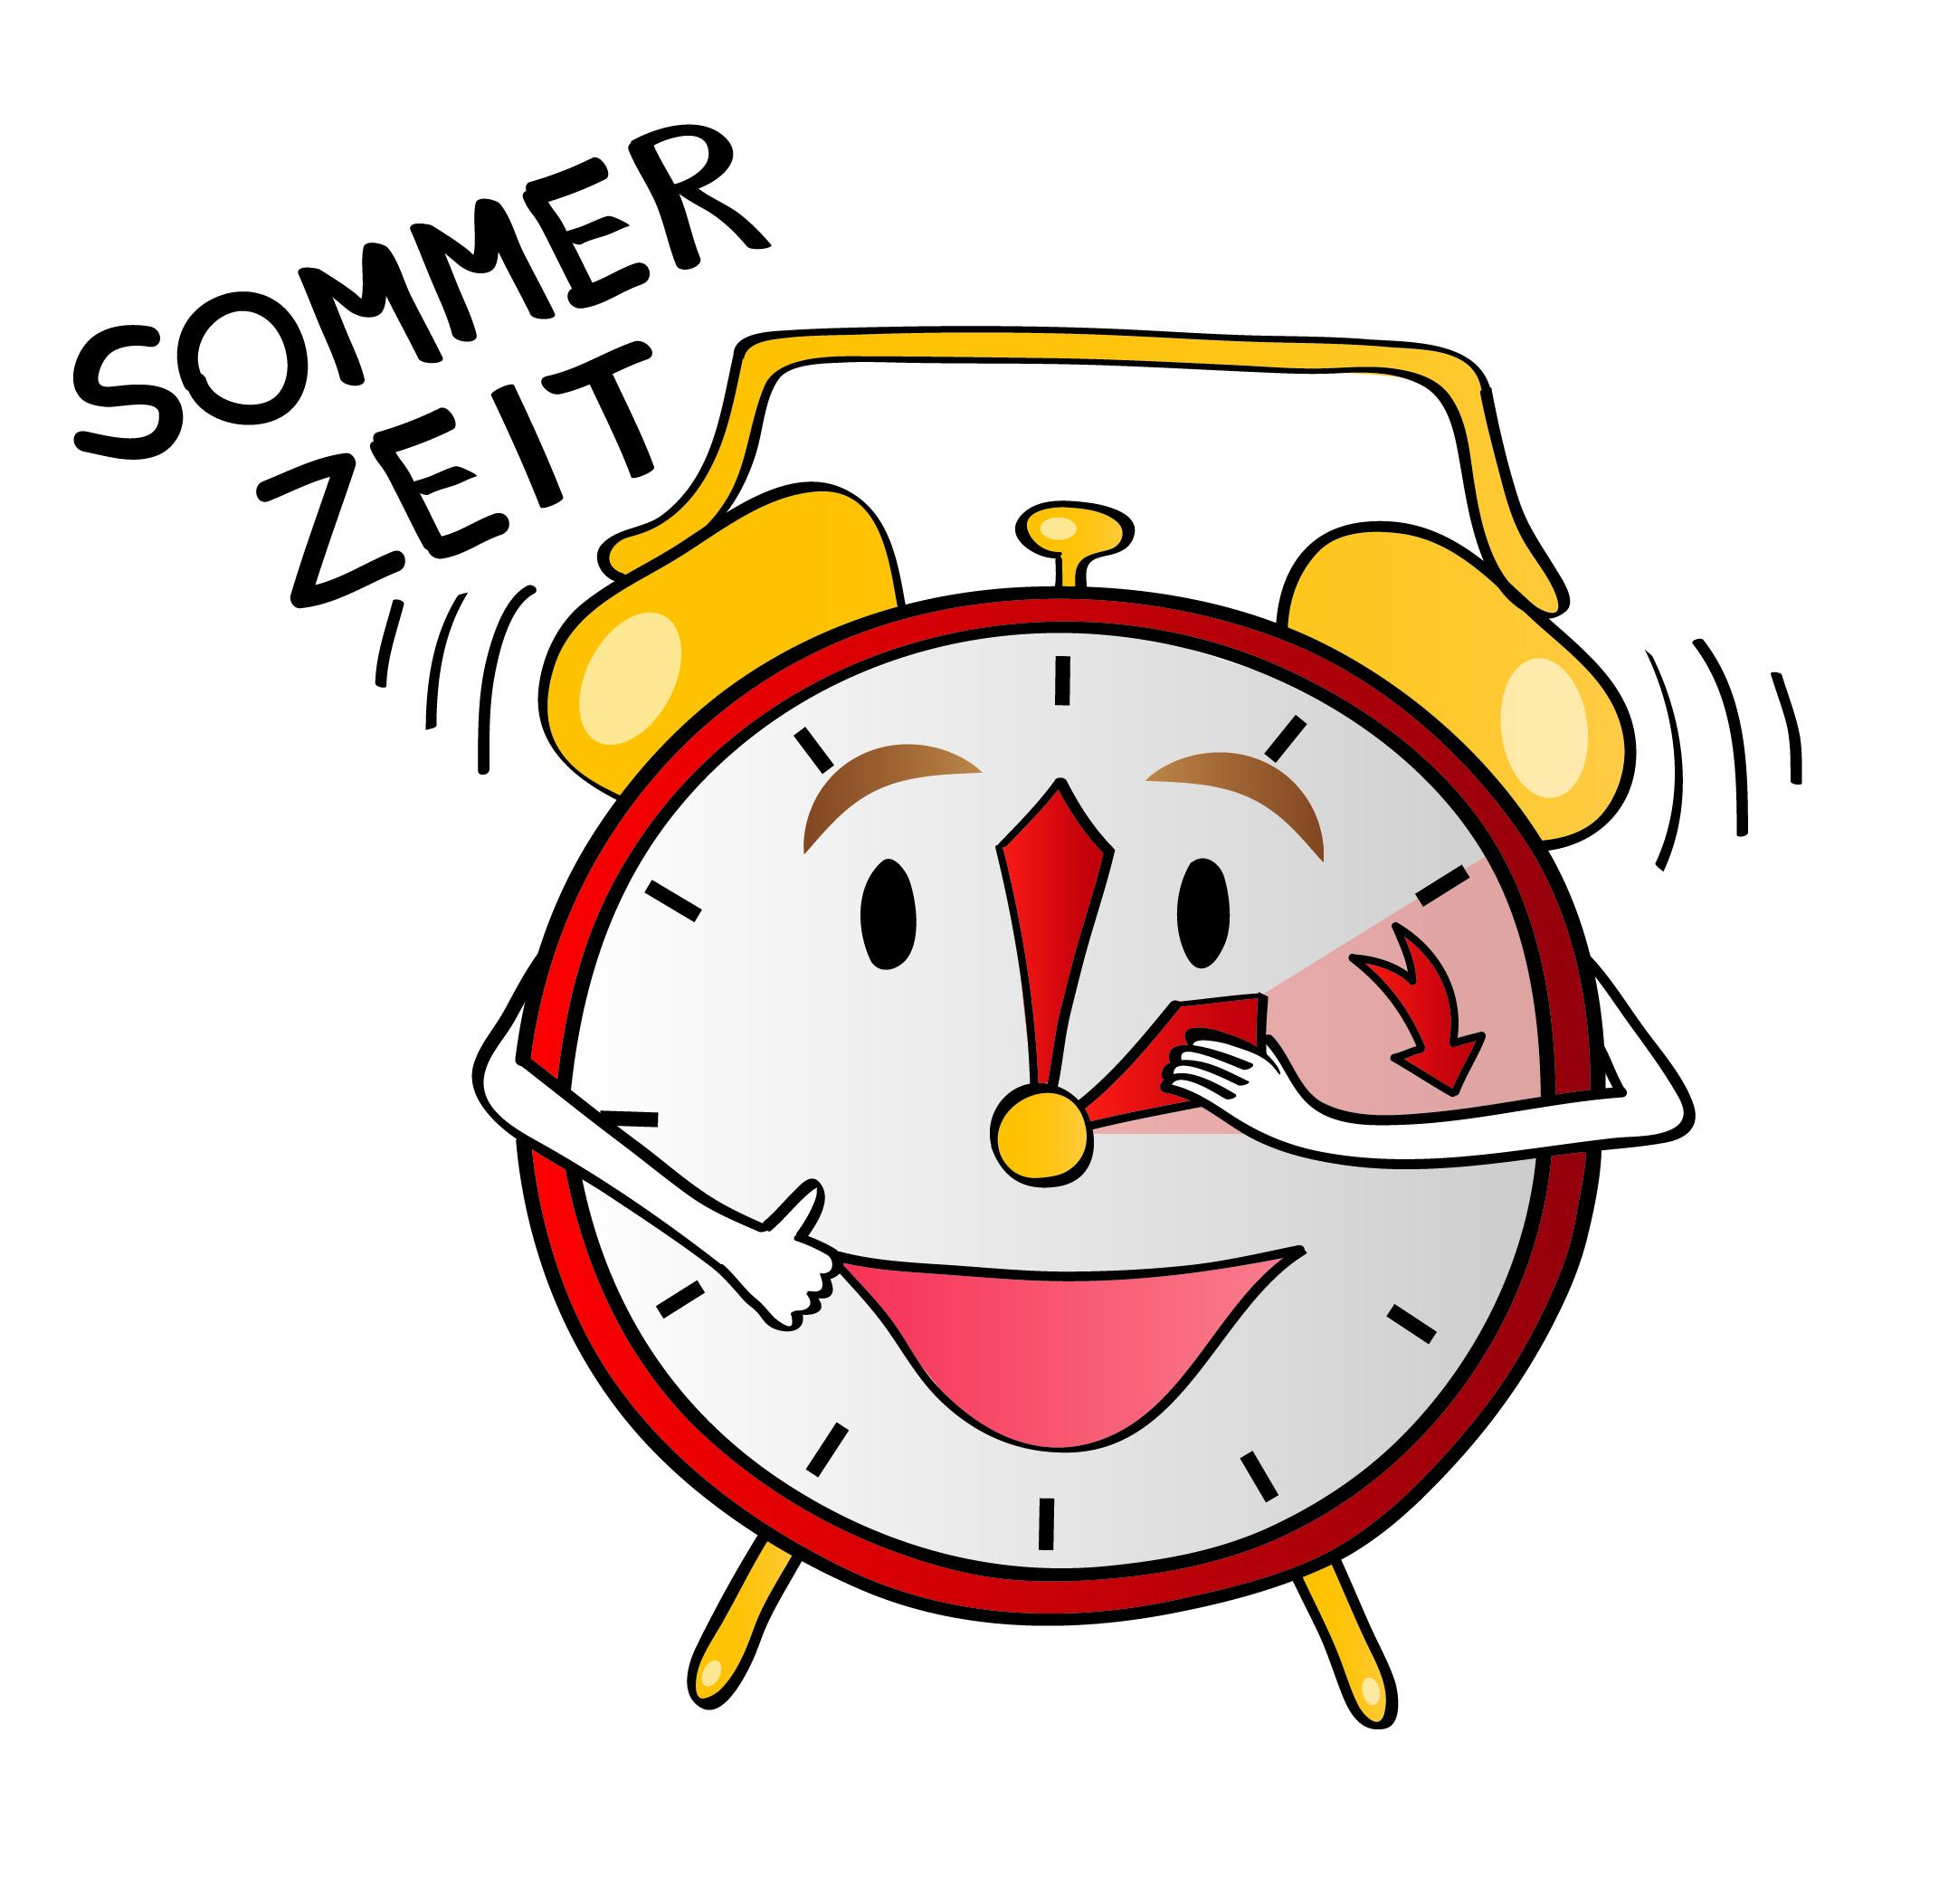 Ab 30. März gilt wieder die Sommerzeit